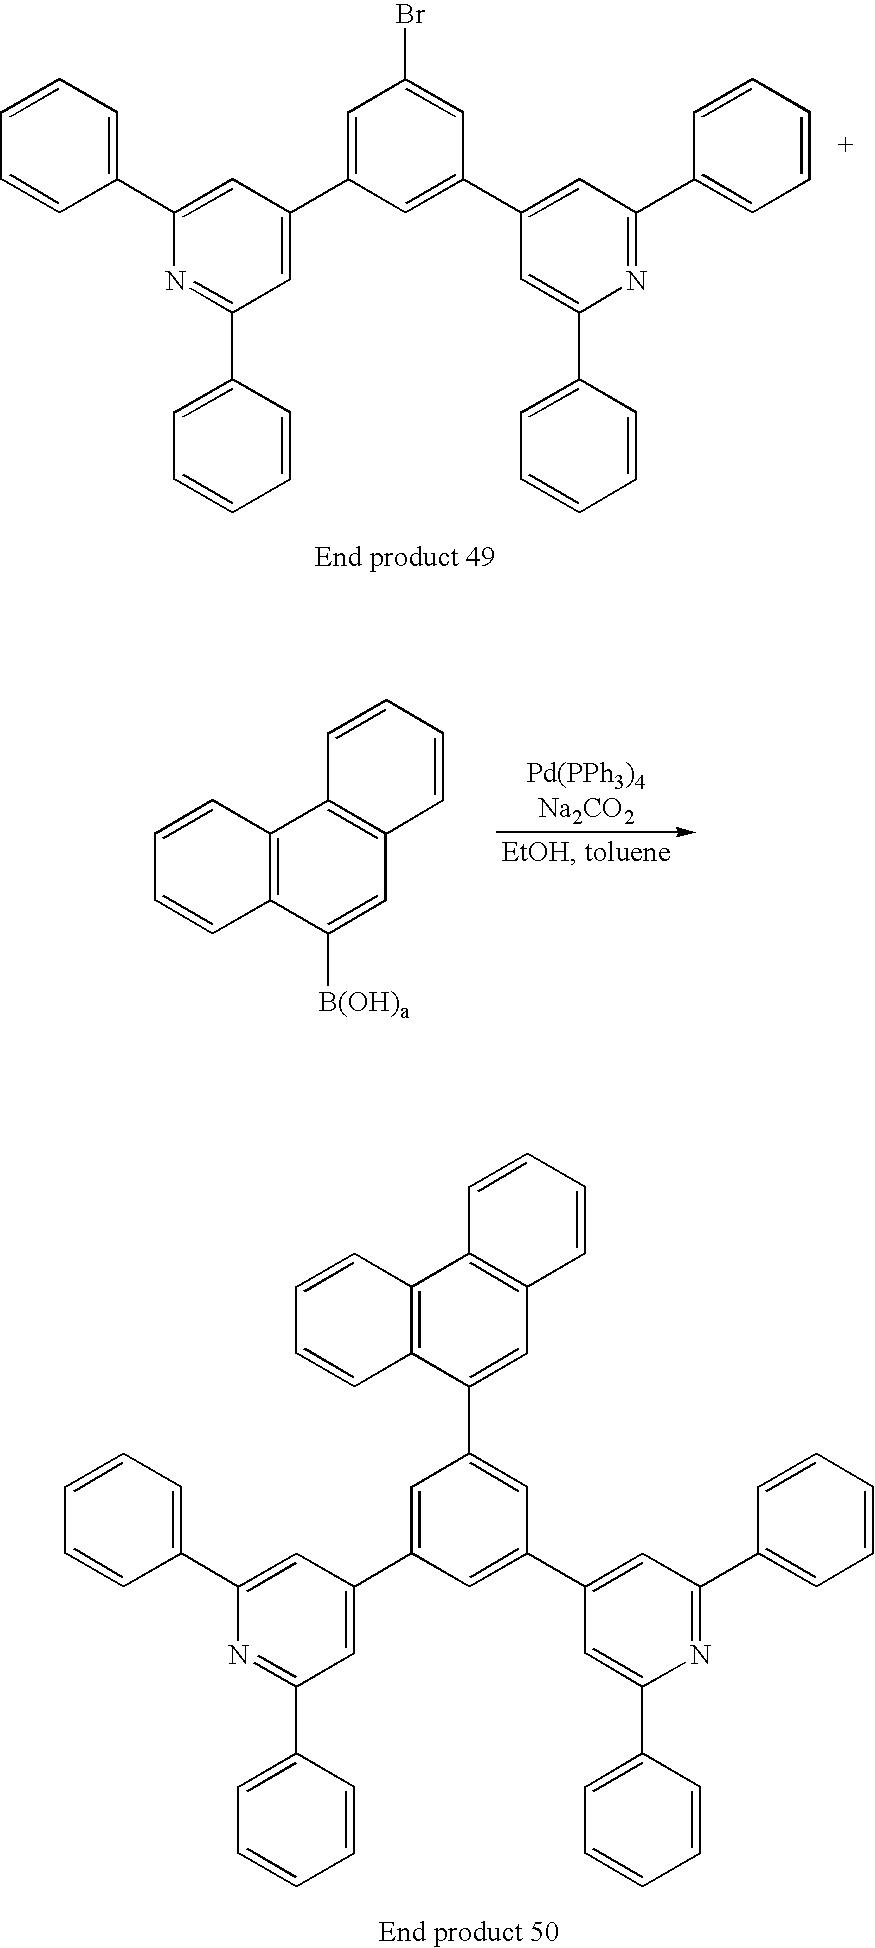 Figure US20060186796A1-20060824-C00164